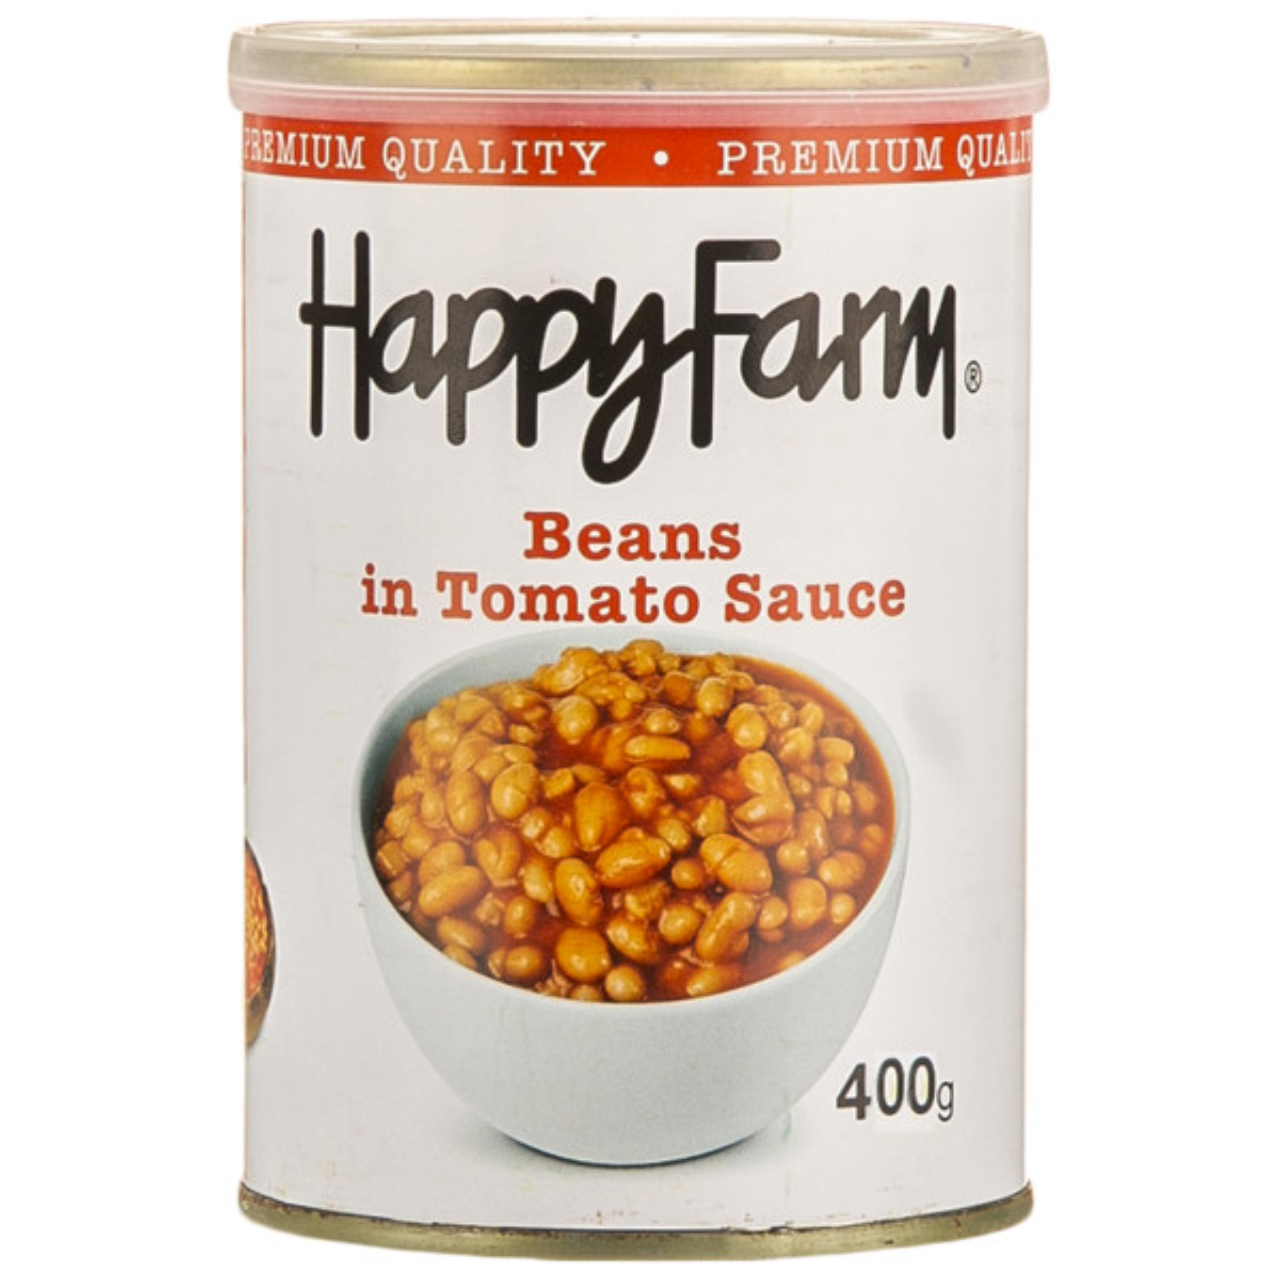 کنسرو لوبیا چیتی در سس گوجه فرنگی هپی فارم - 400 گرم